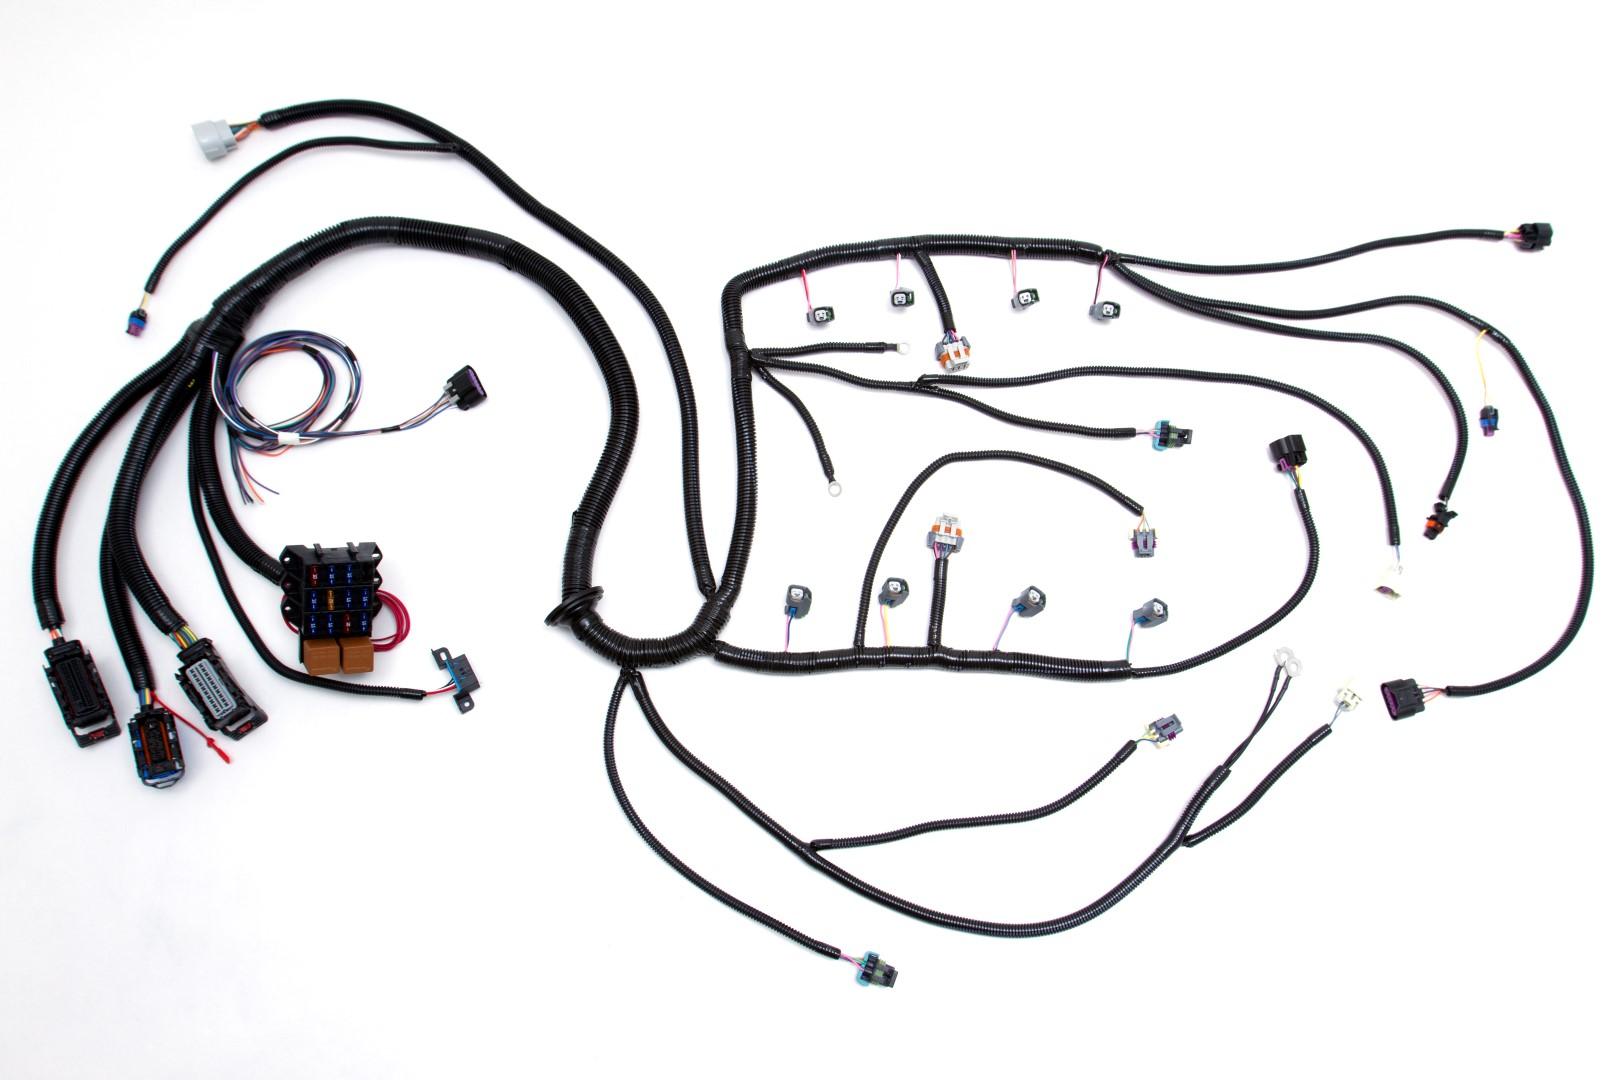 06 13 Ls7 7 0l Standalone Wiring Harness W 4l60e